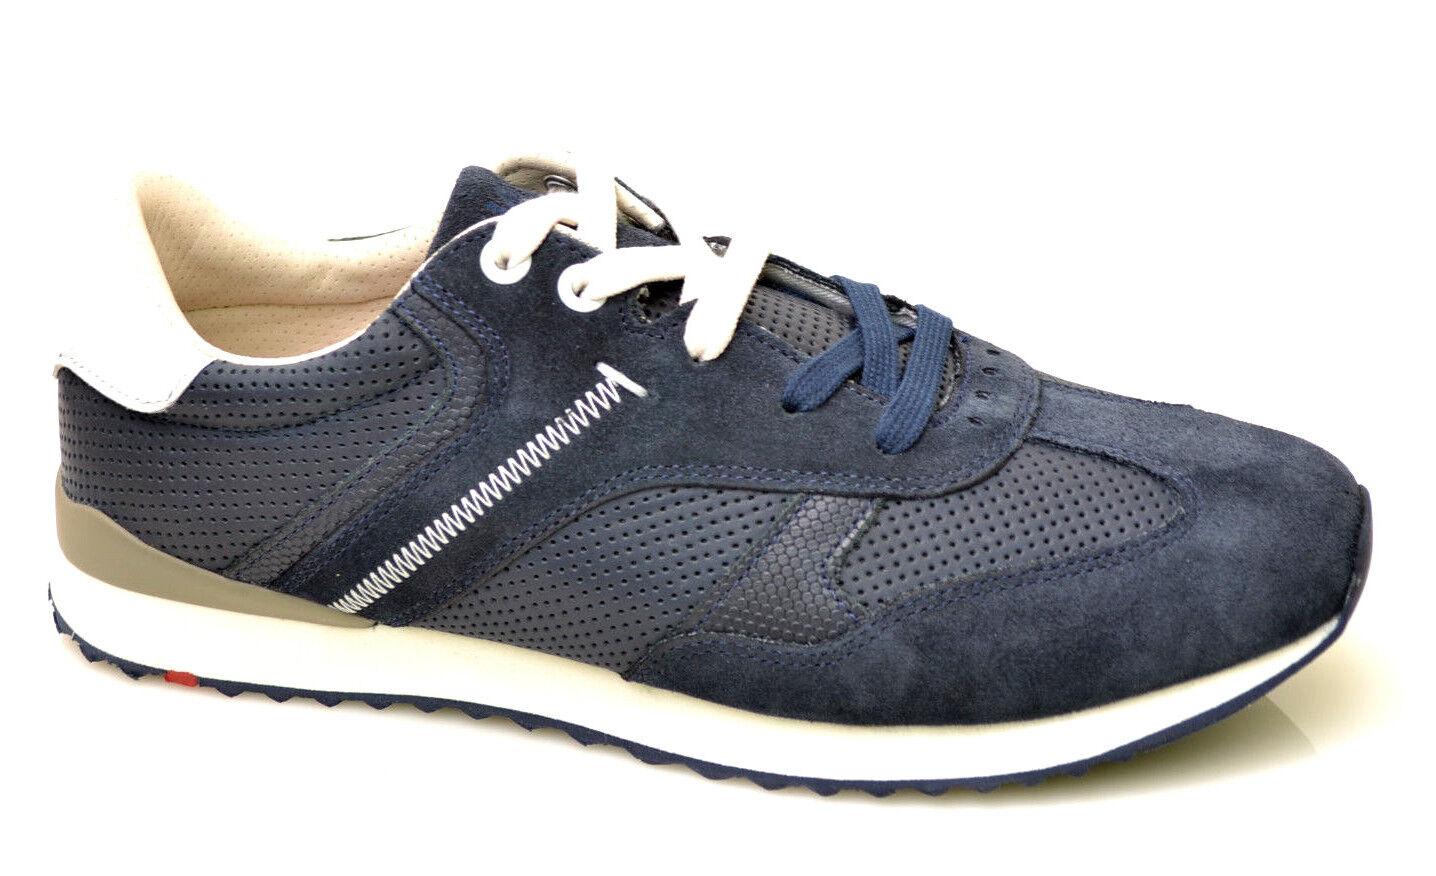 Lloyd sport schuhe ocean Herrenschuhe Sneaker Schuhe blau Leder NEU ROTUZIERT